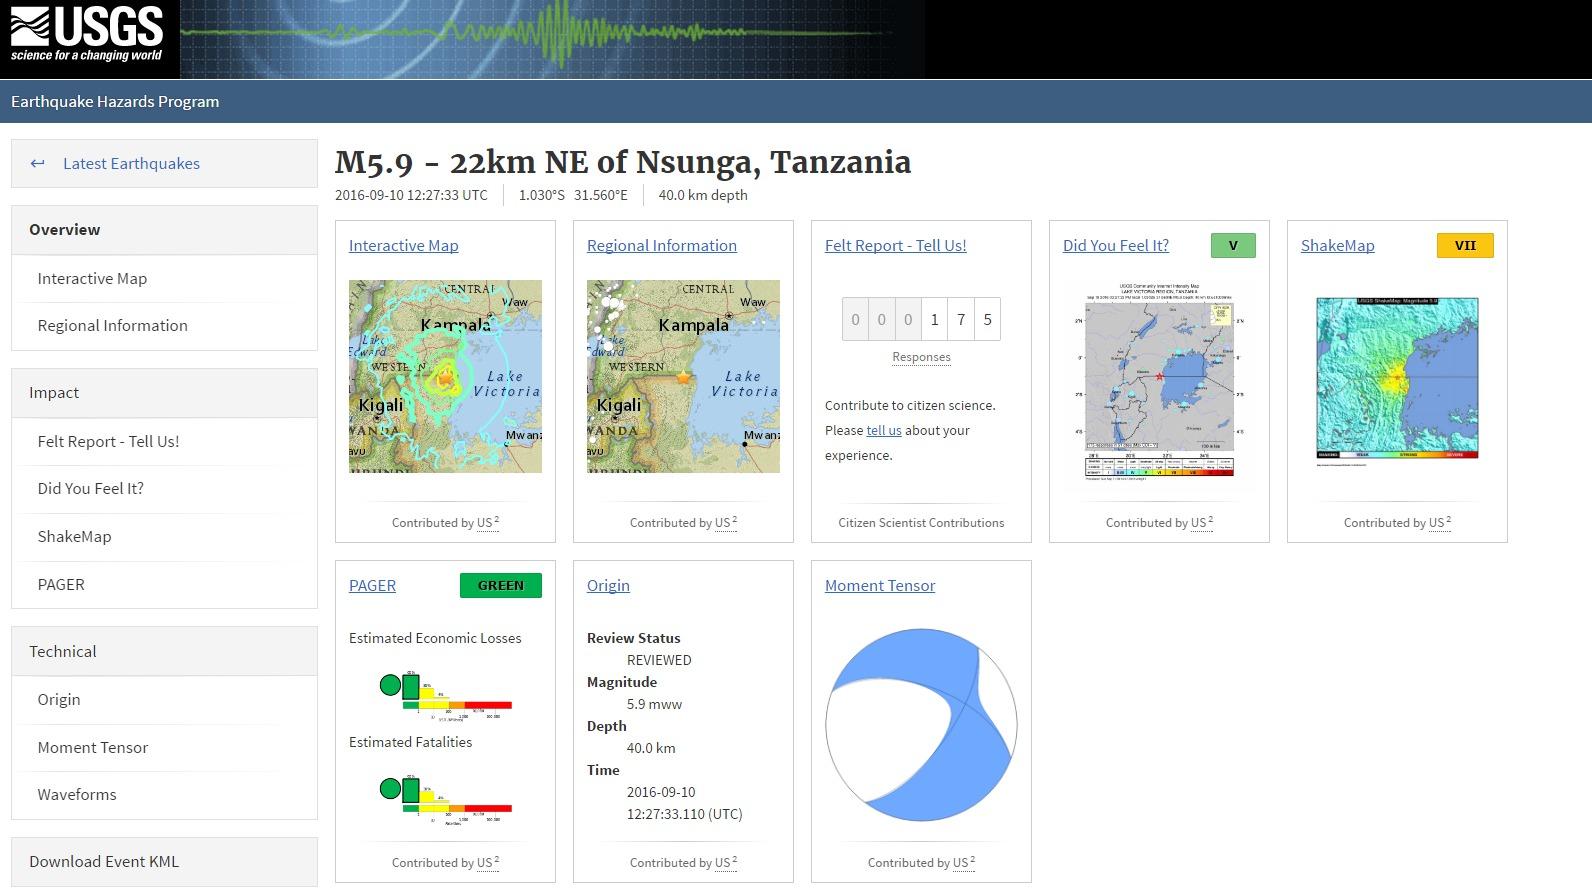 東アフリカのタンザニアで「M5.9」の強い地震が発生